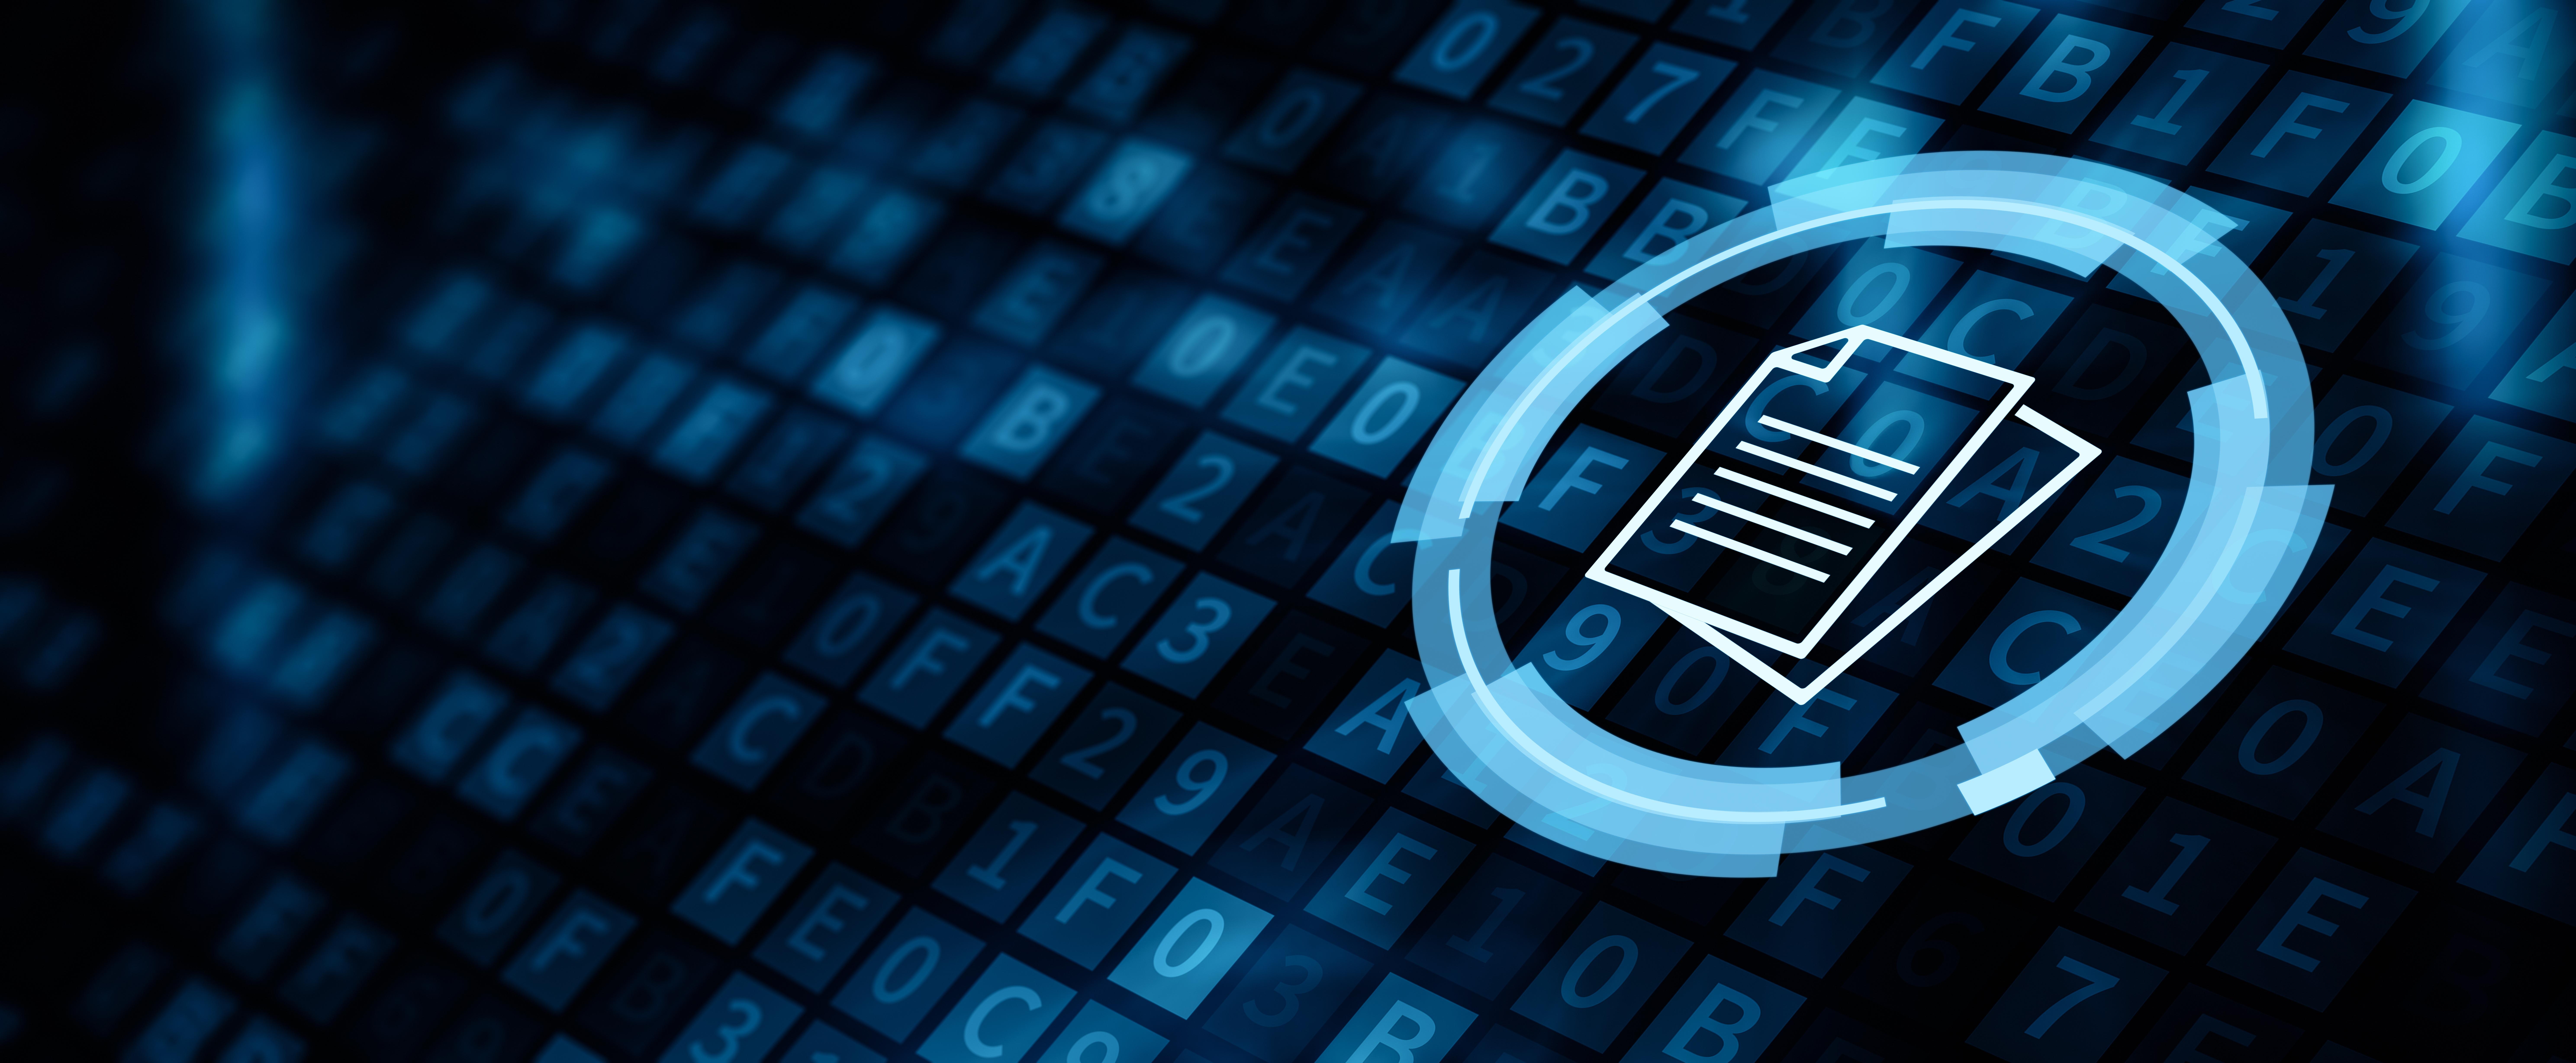 Virtualizacion, Analisis e Inteligencia de datos.